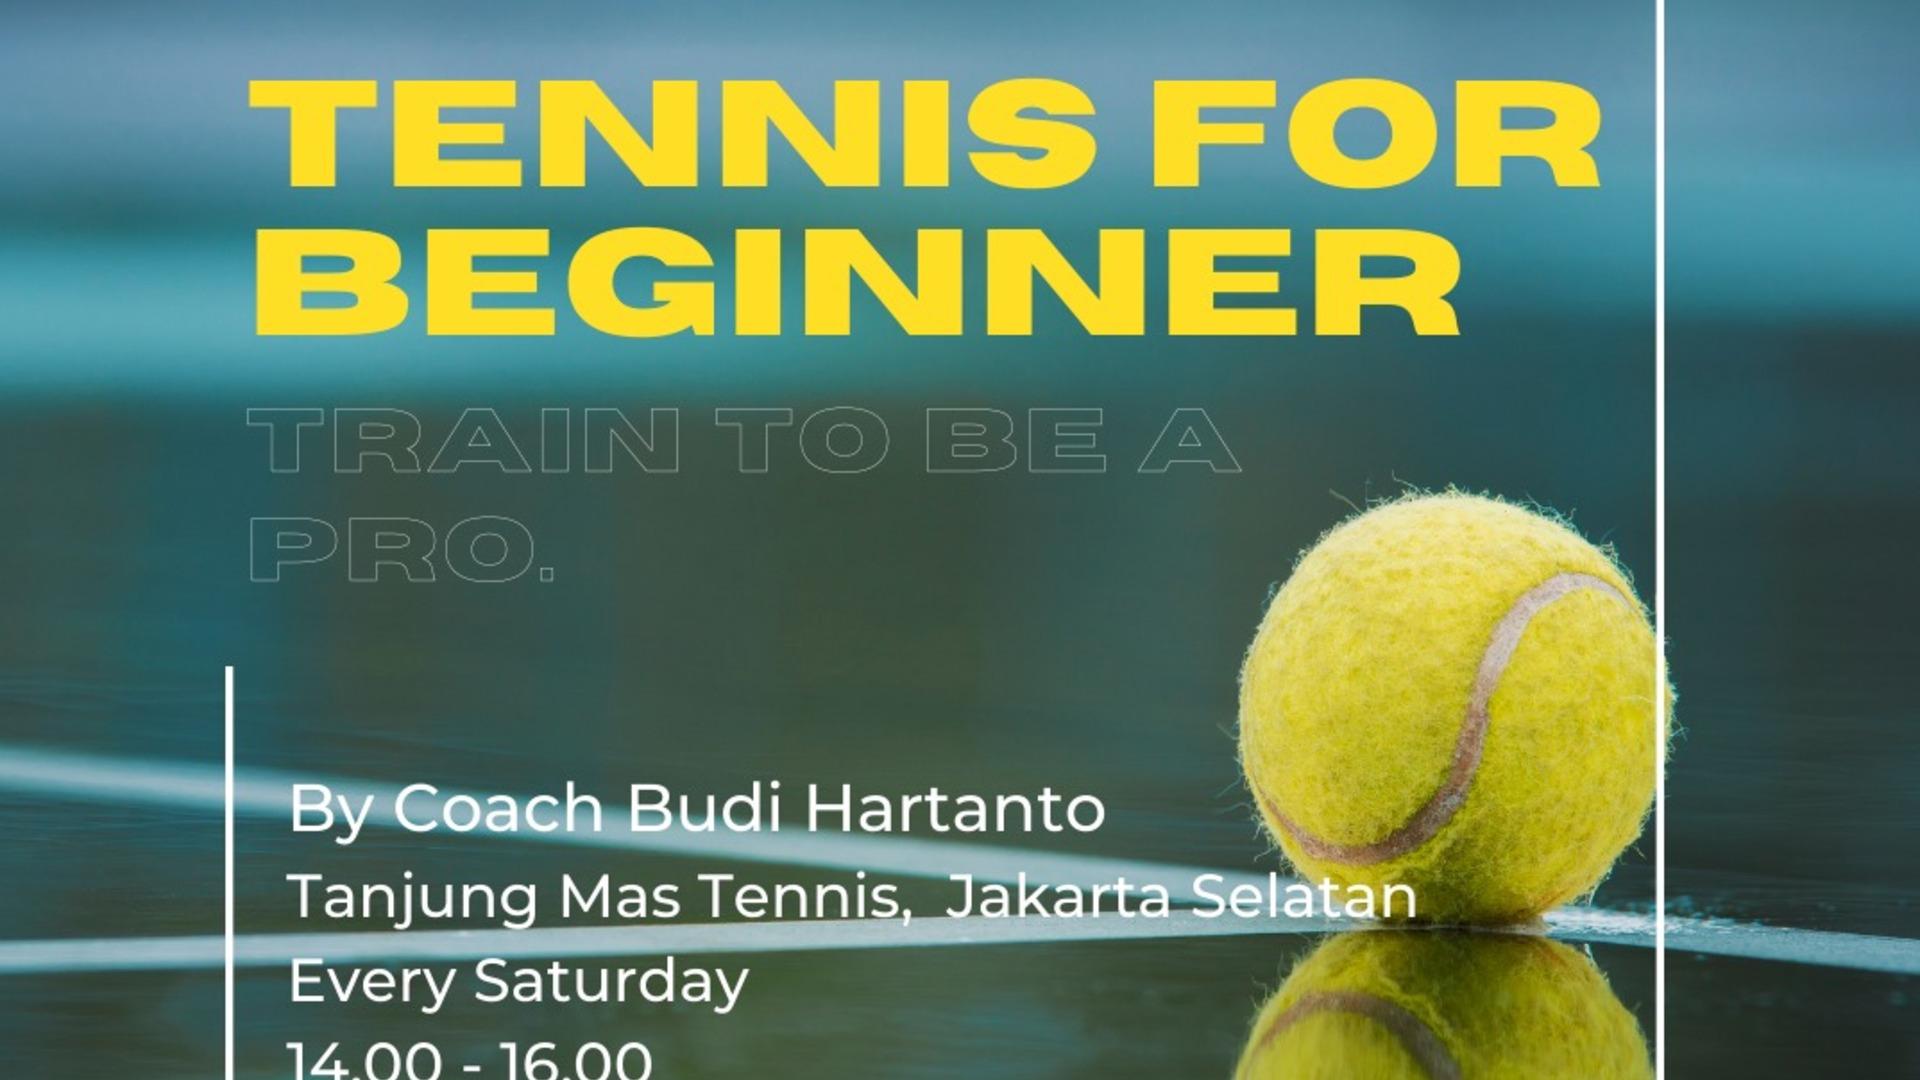 Tenis for Beginner